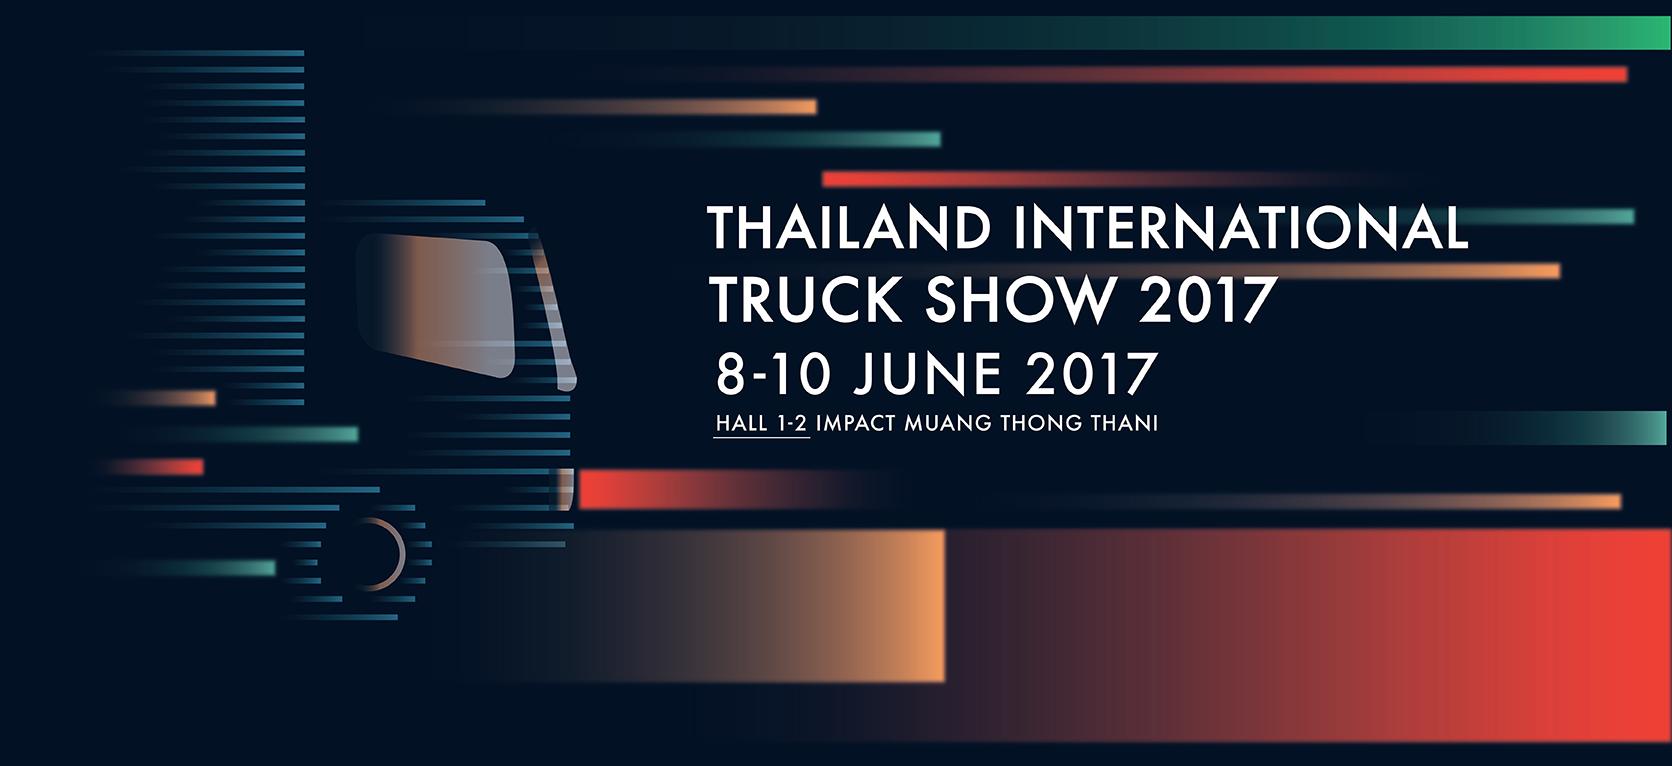 """Thailand International TRUCK SHOW 2017"""" งานมหกรรมแสดงรถบรรทุกเพื่อการขนส่ง ขานรับการรวมประชาคมอาเซียน"""